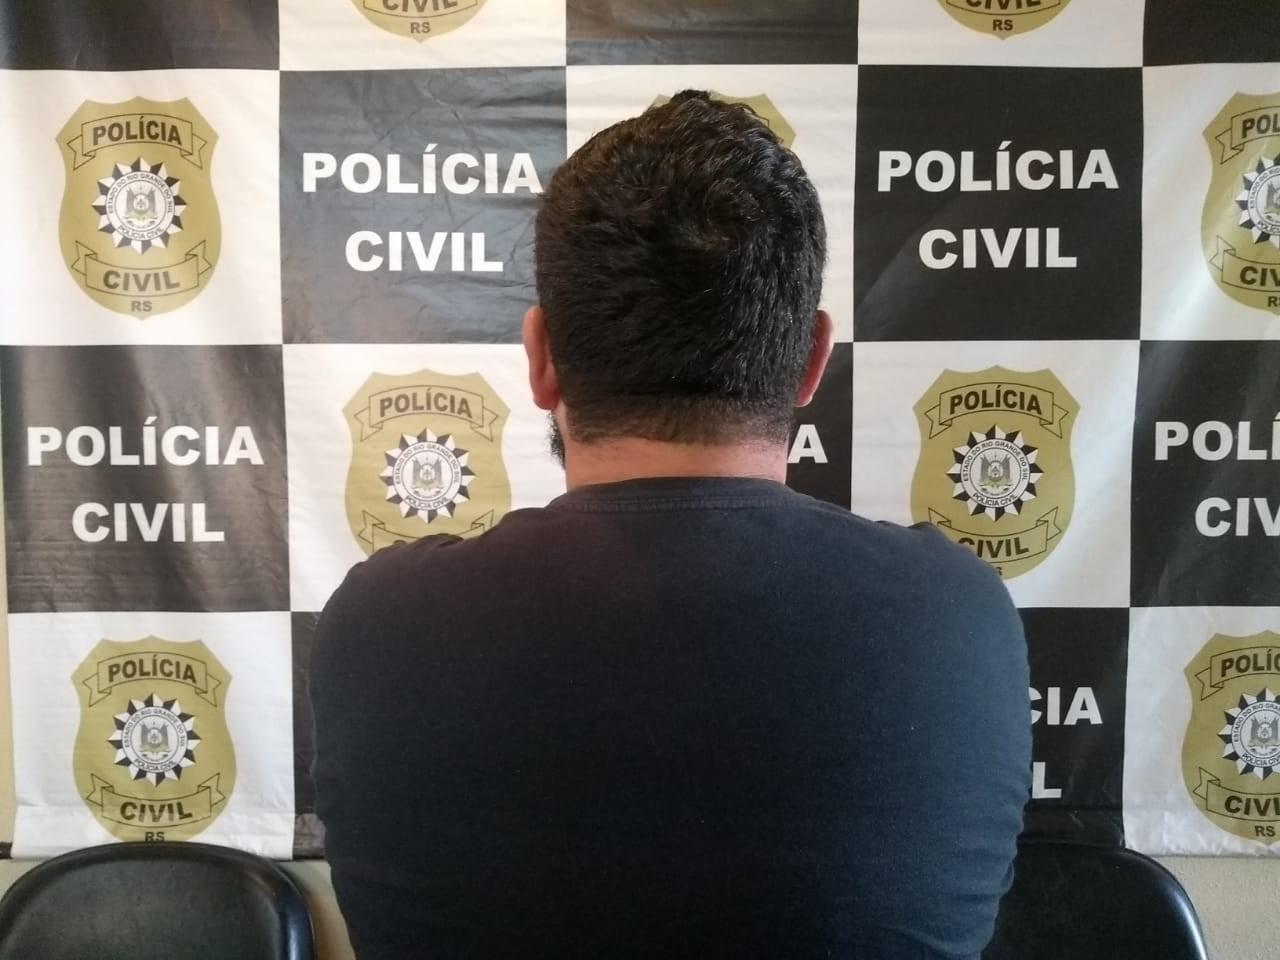 Polícia prende agente penitenciário flagrado agredindo a mulher na rua em Lavras do Sul - Notícias - Plantão Diário